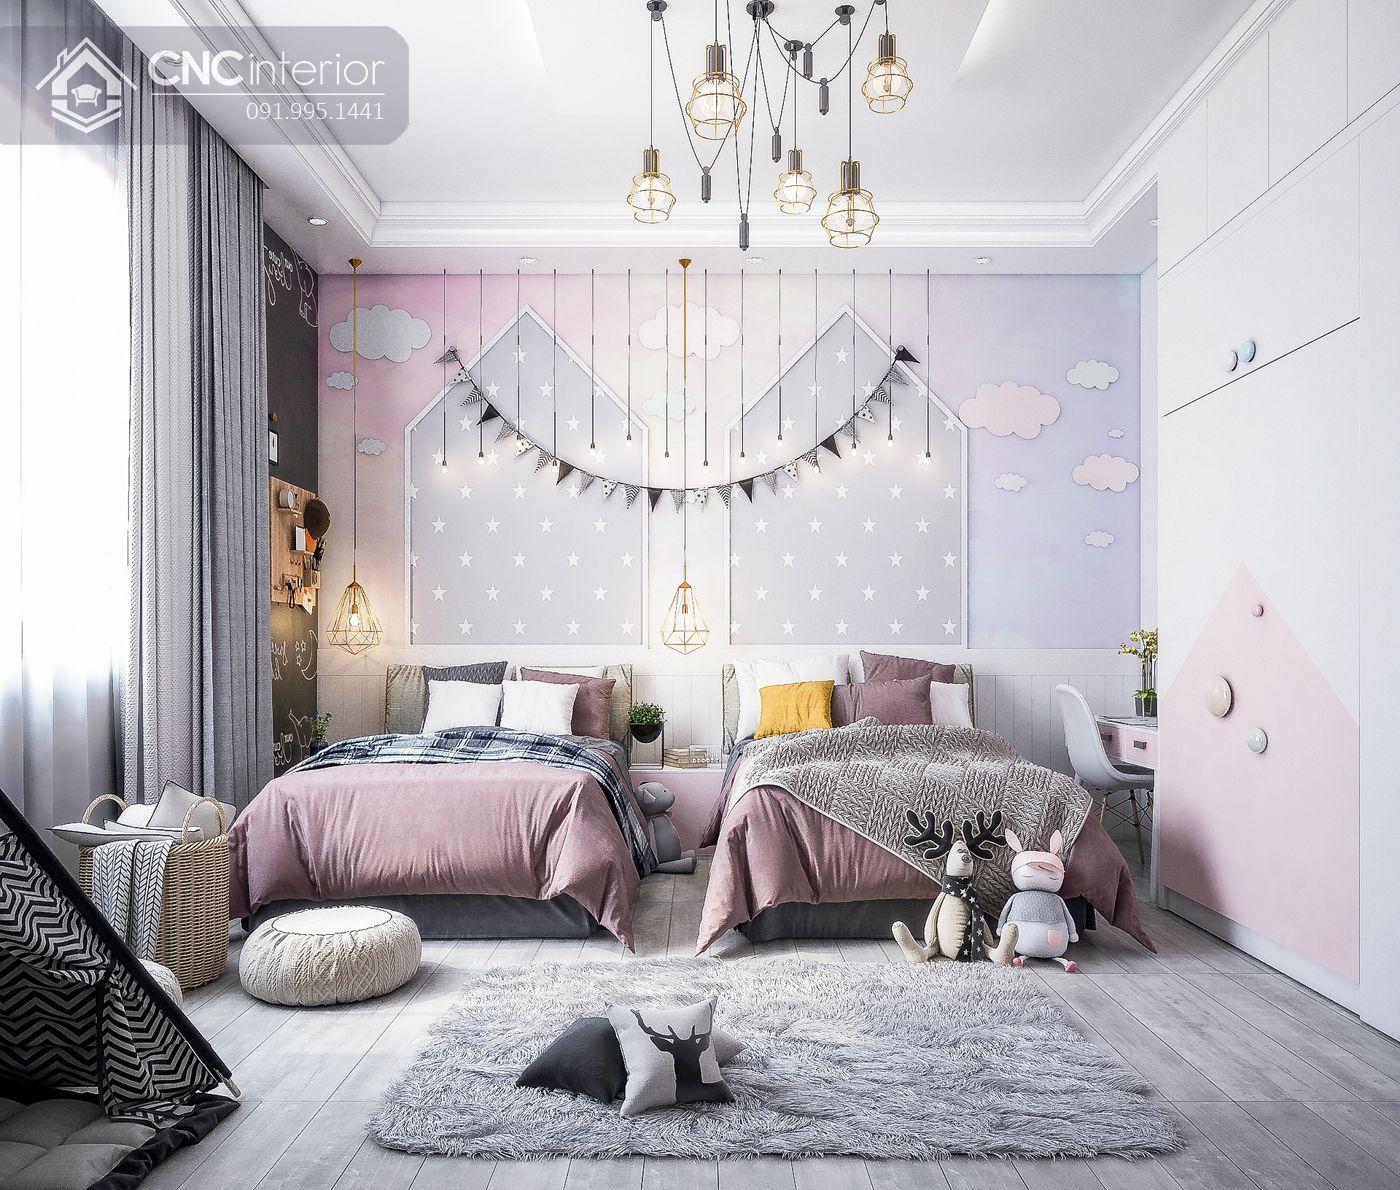 các mẫu thiết kế nội thất phòng ngủ đẹp 12